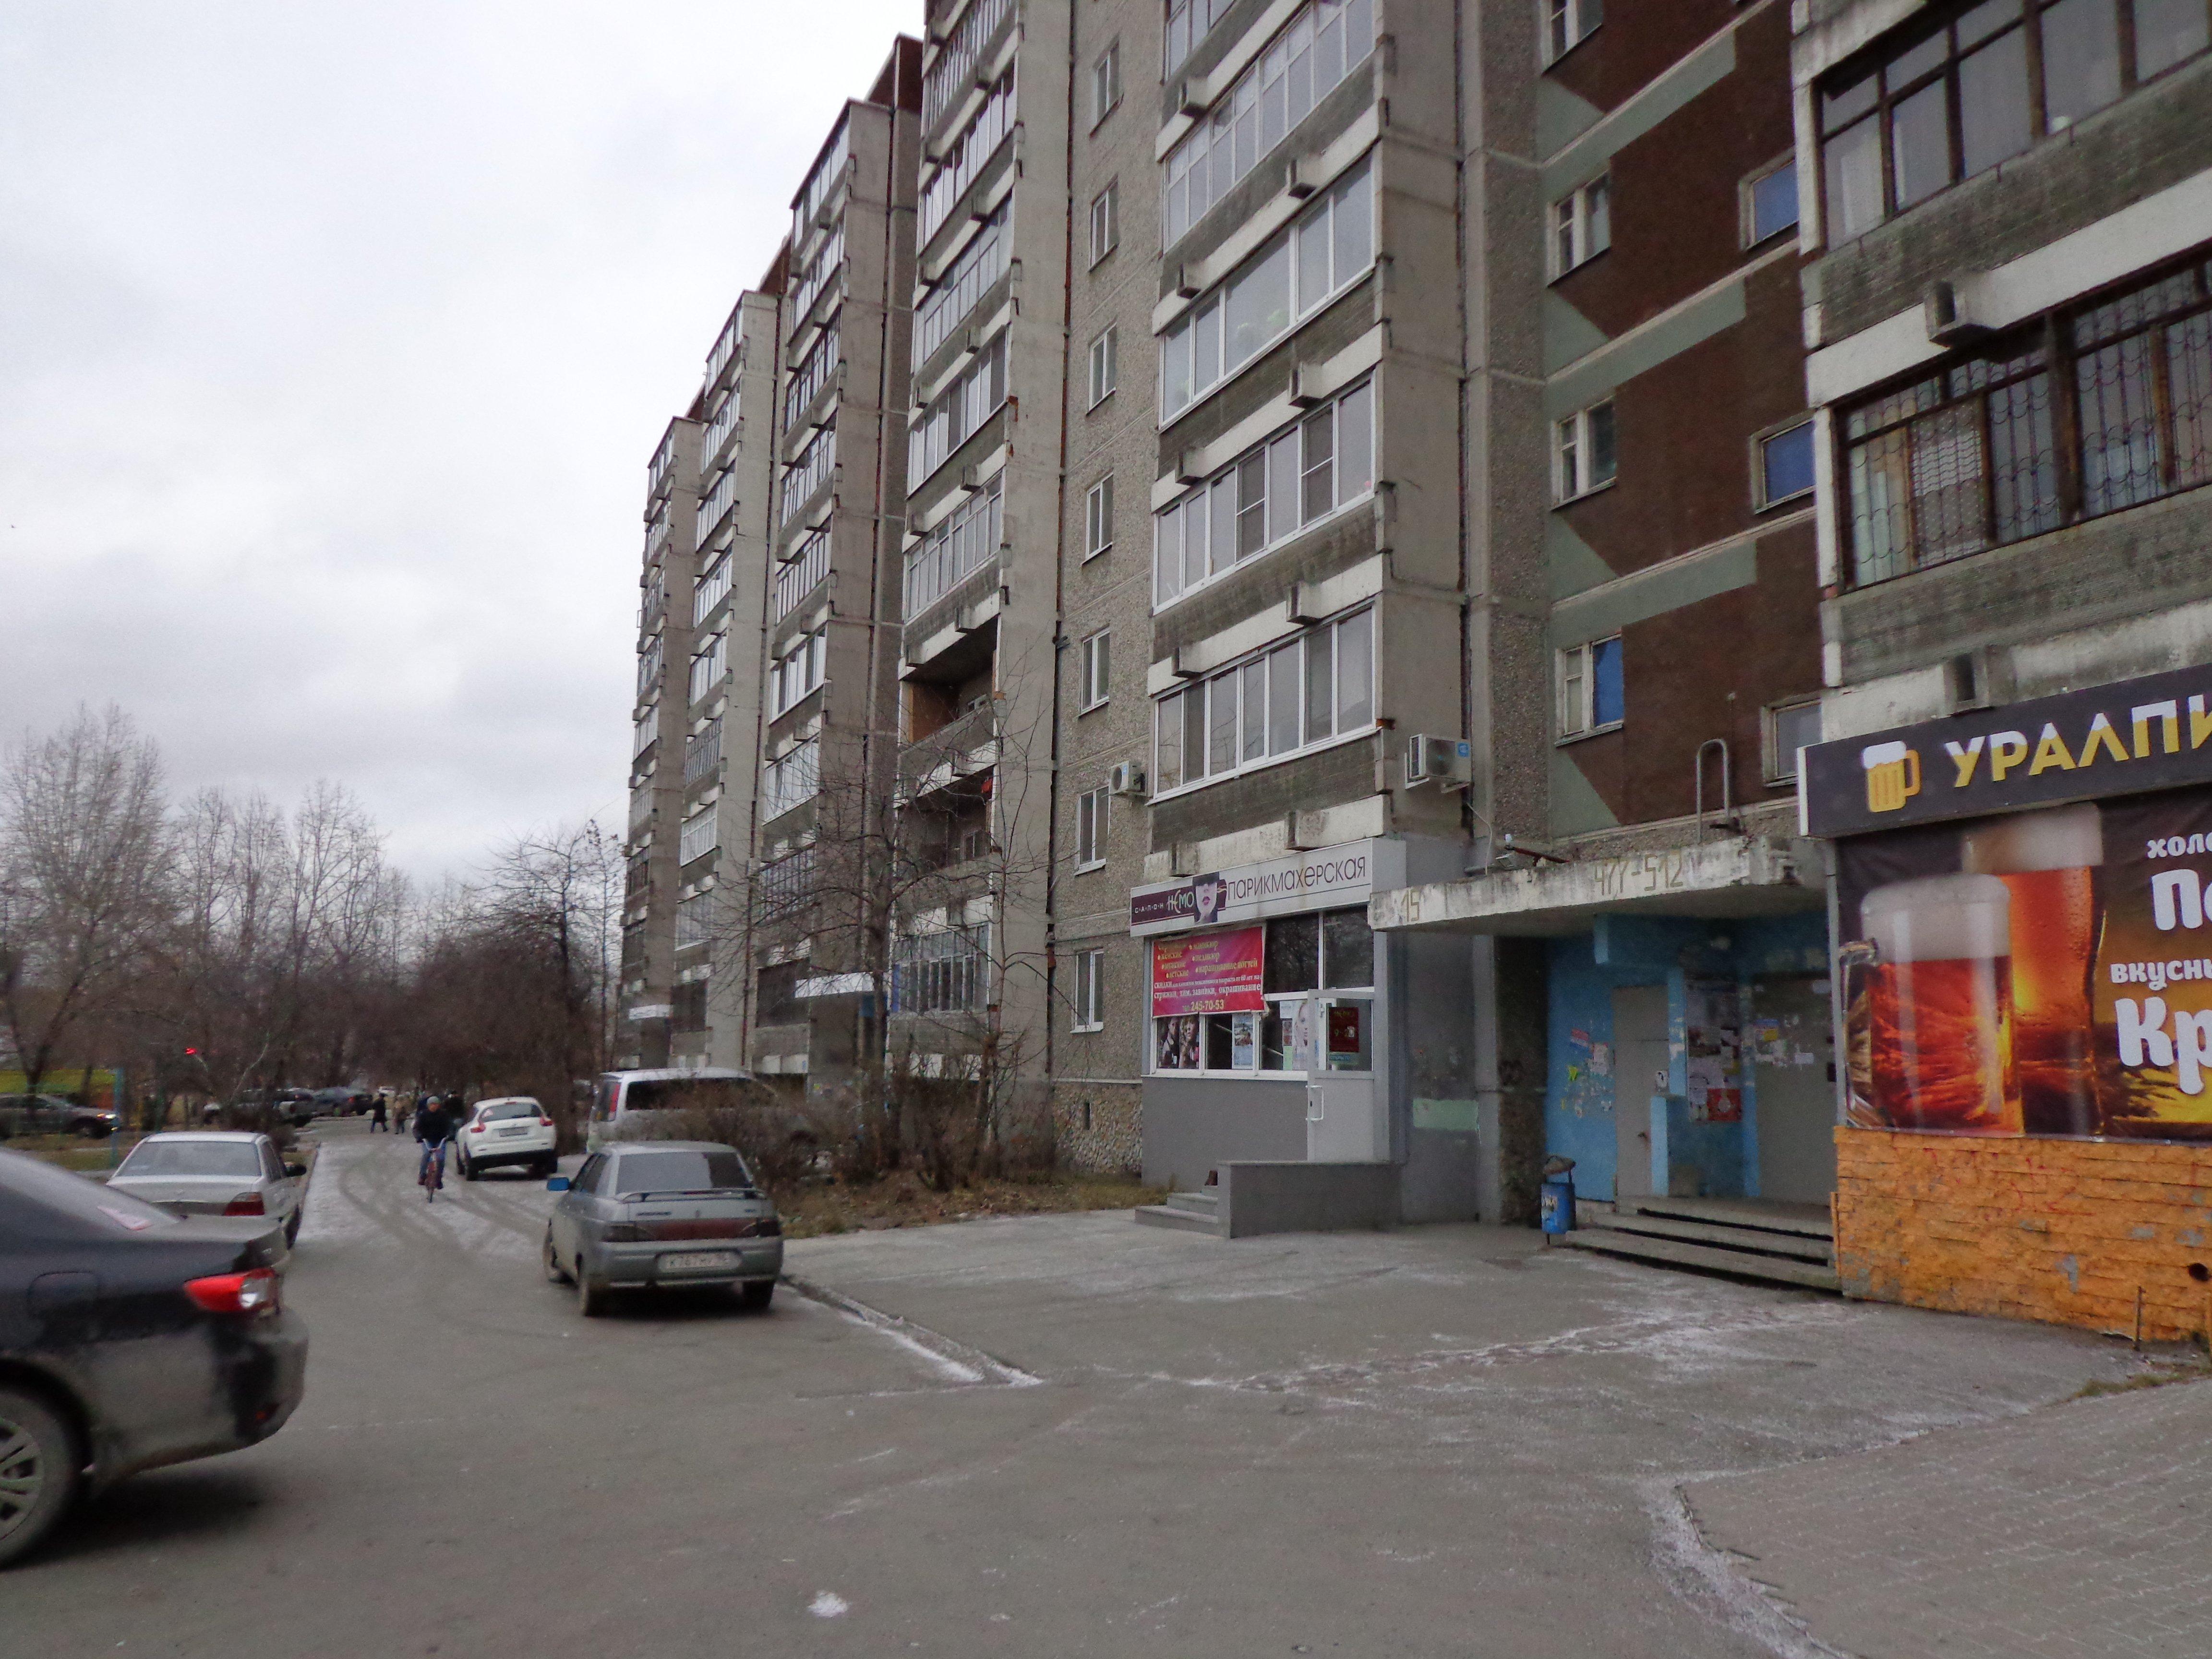 Оценка квартиры и продажа